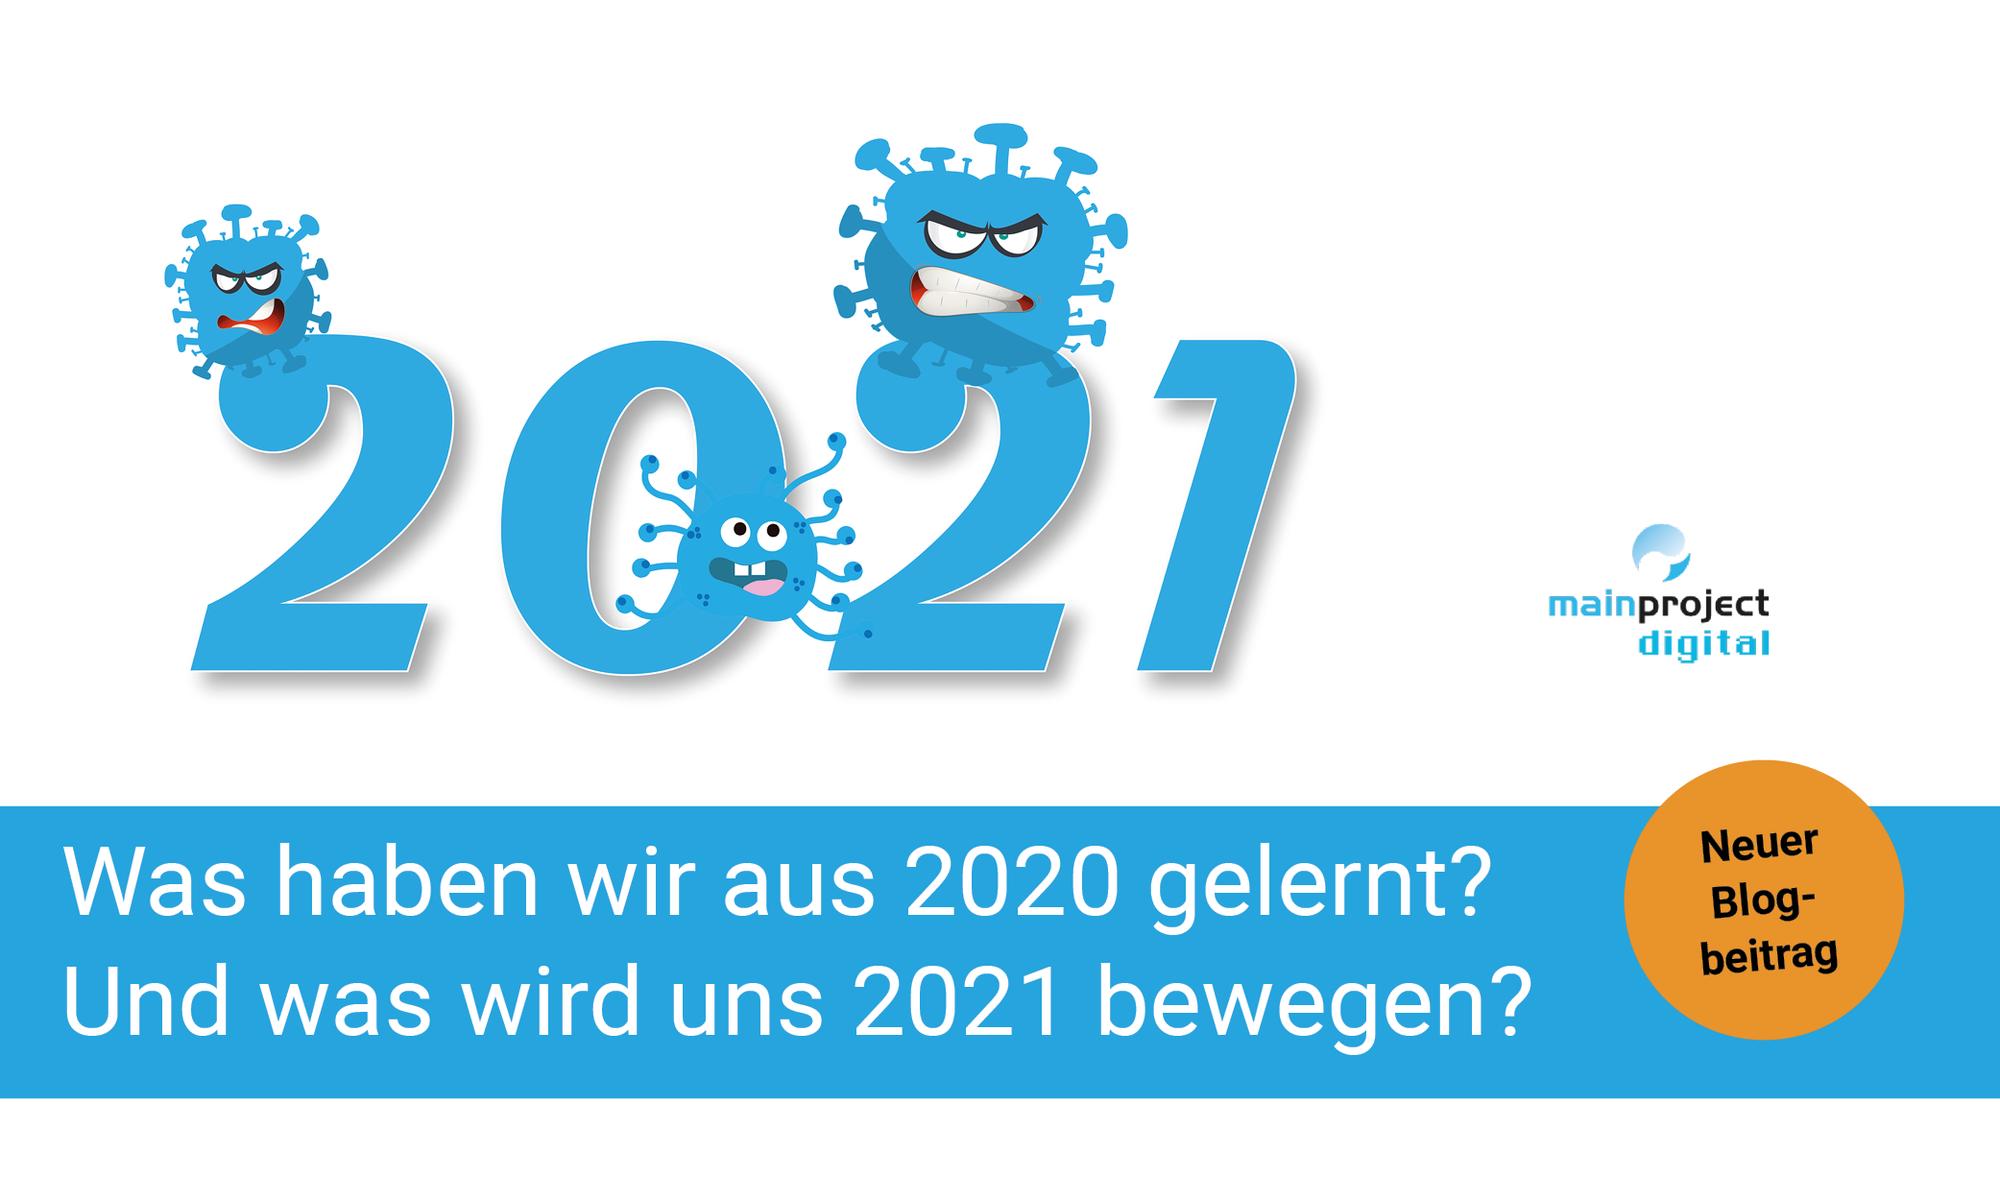 Was haben wir aus 2020 gelernt? Und was wird uns 2021 bewegen?